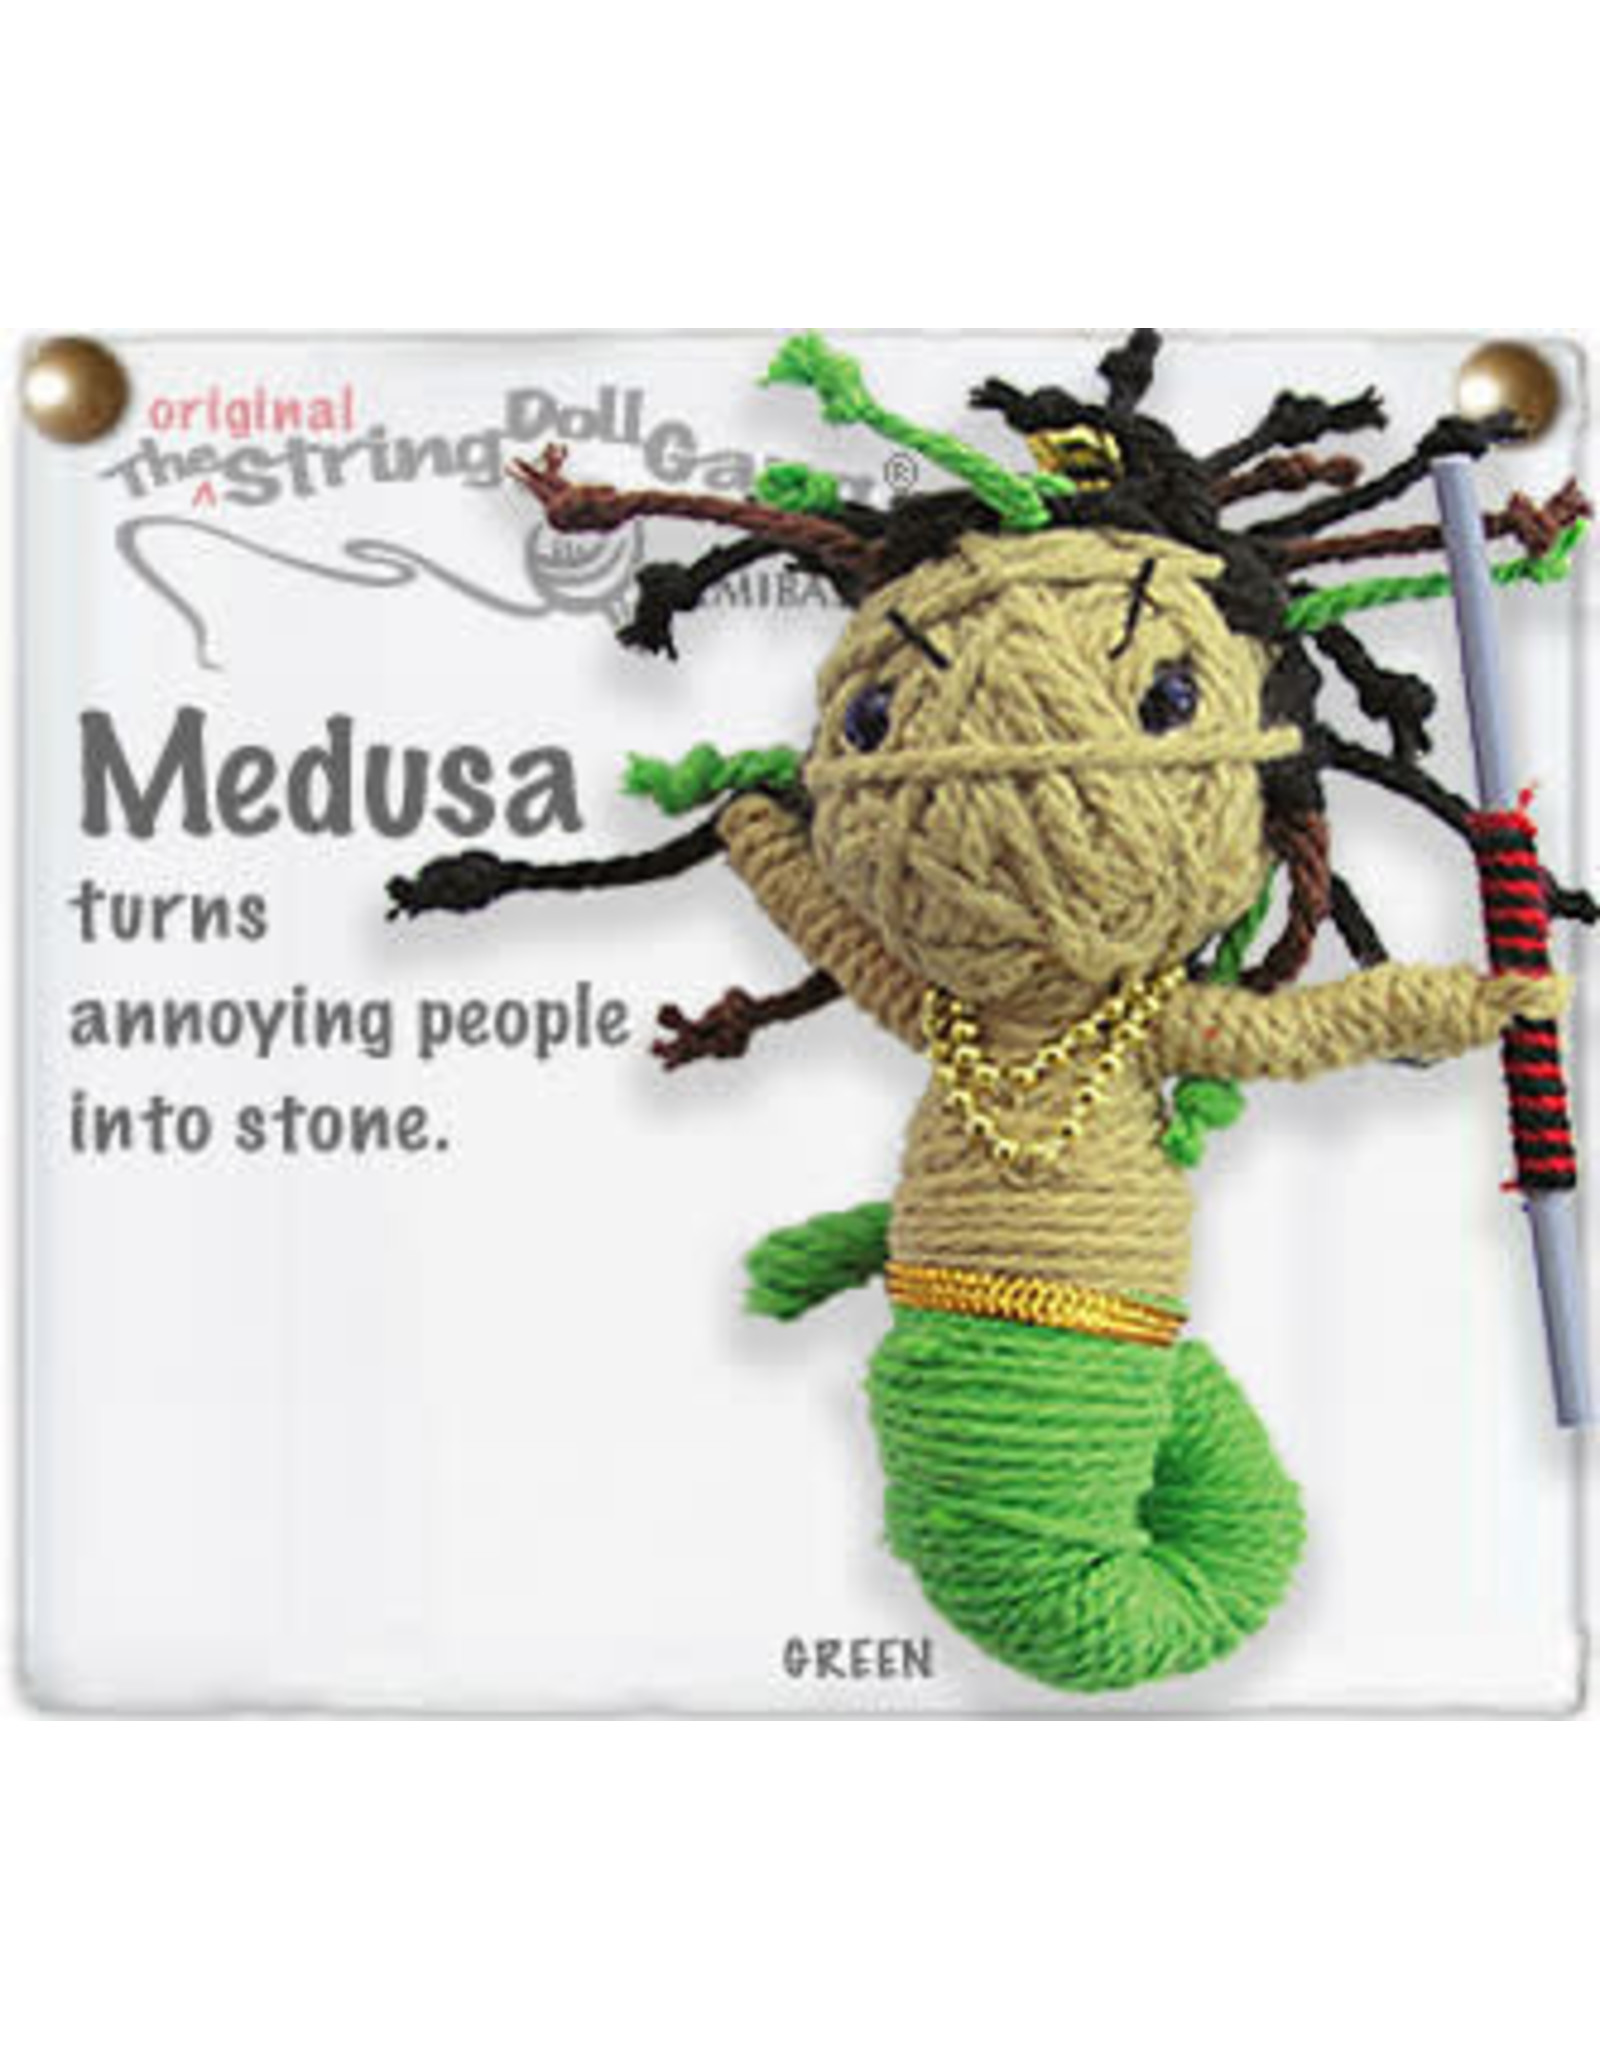 Stringdoll Medusa